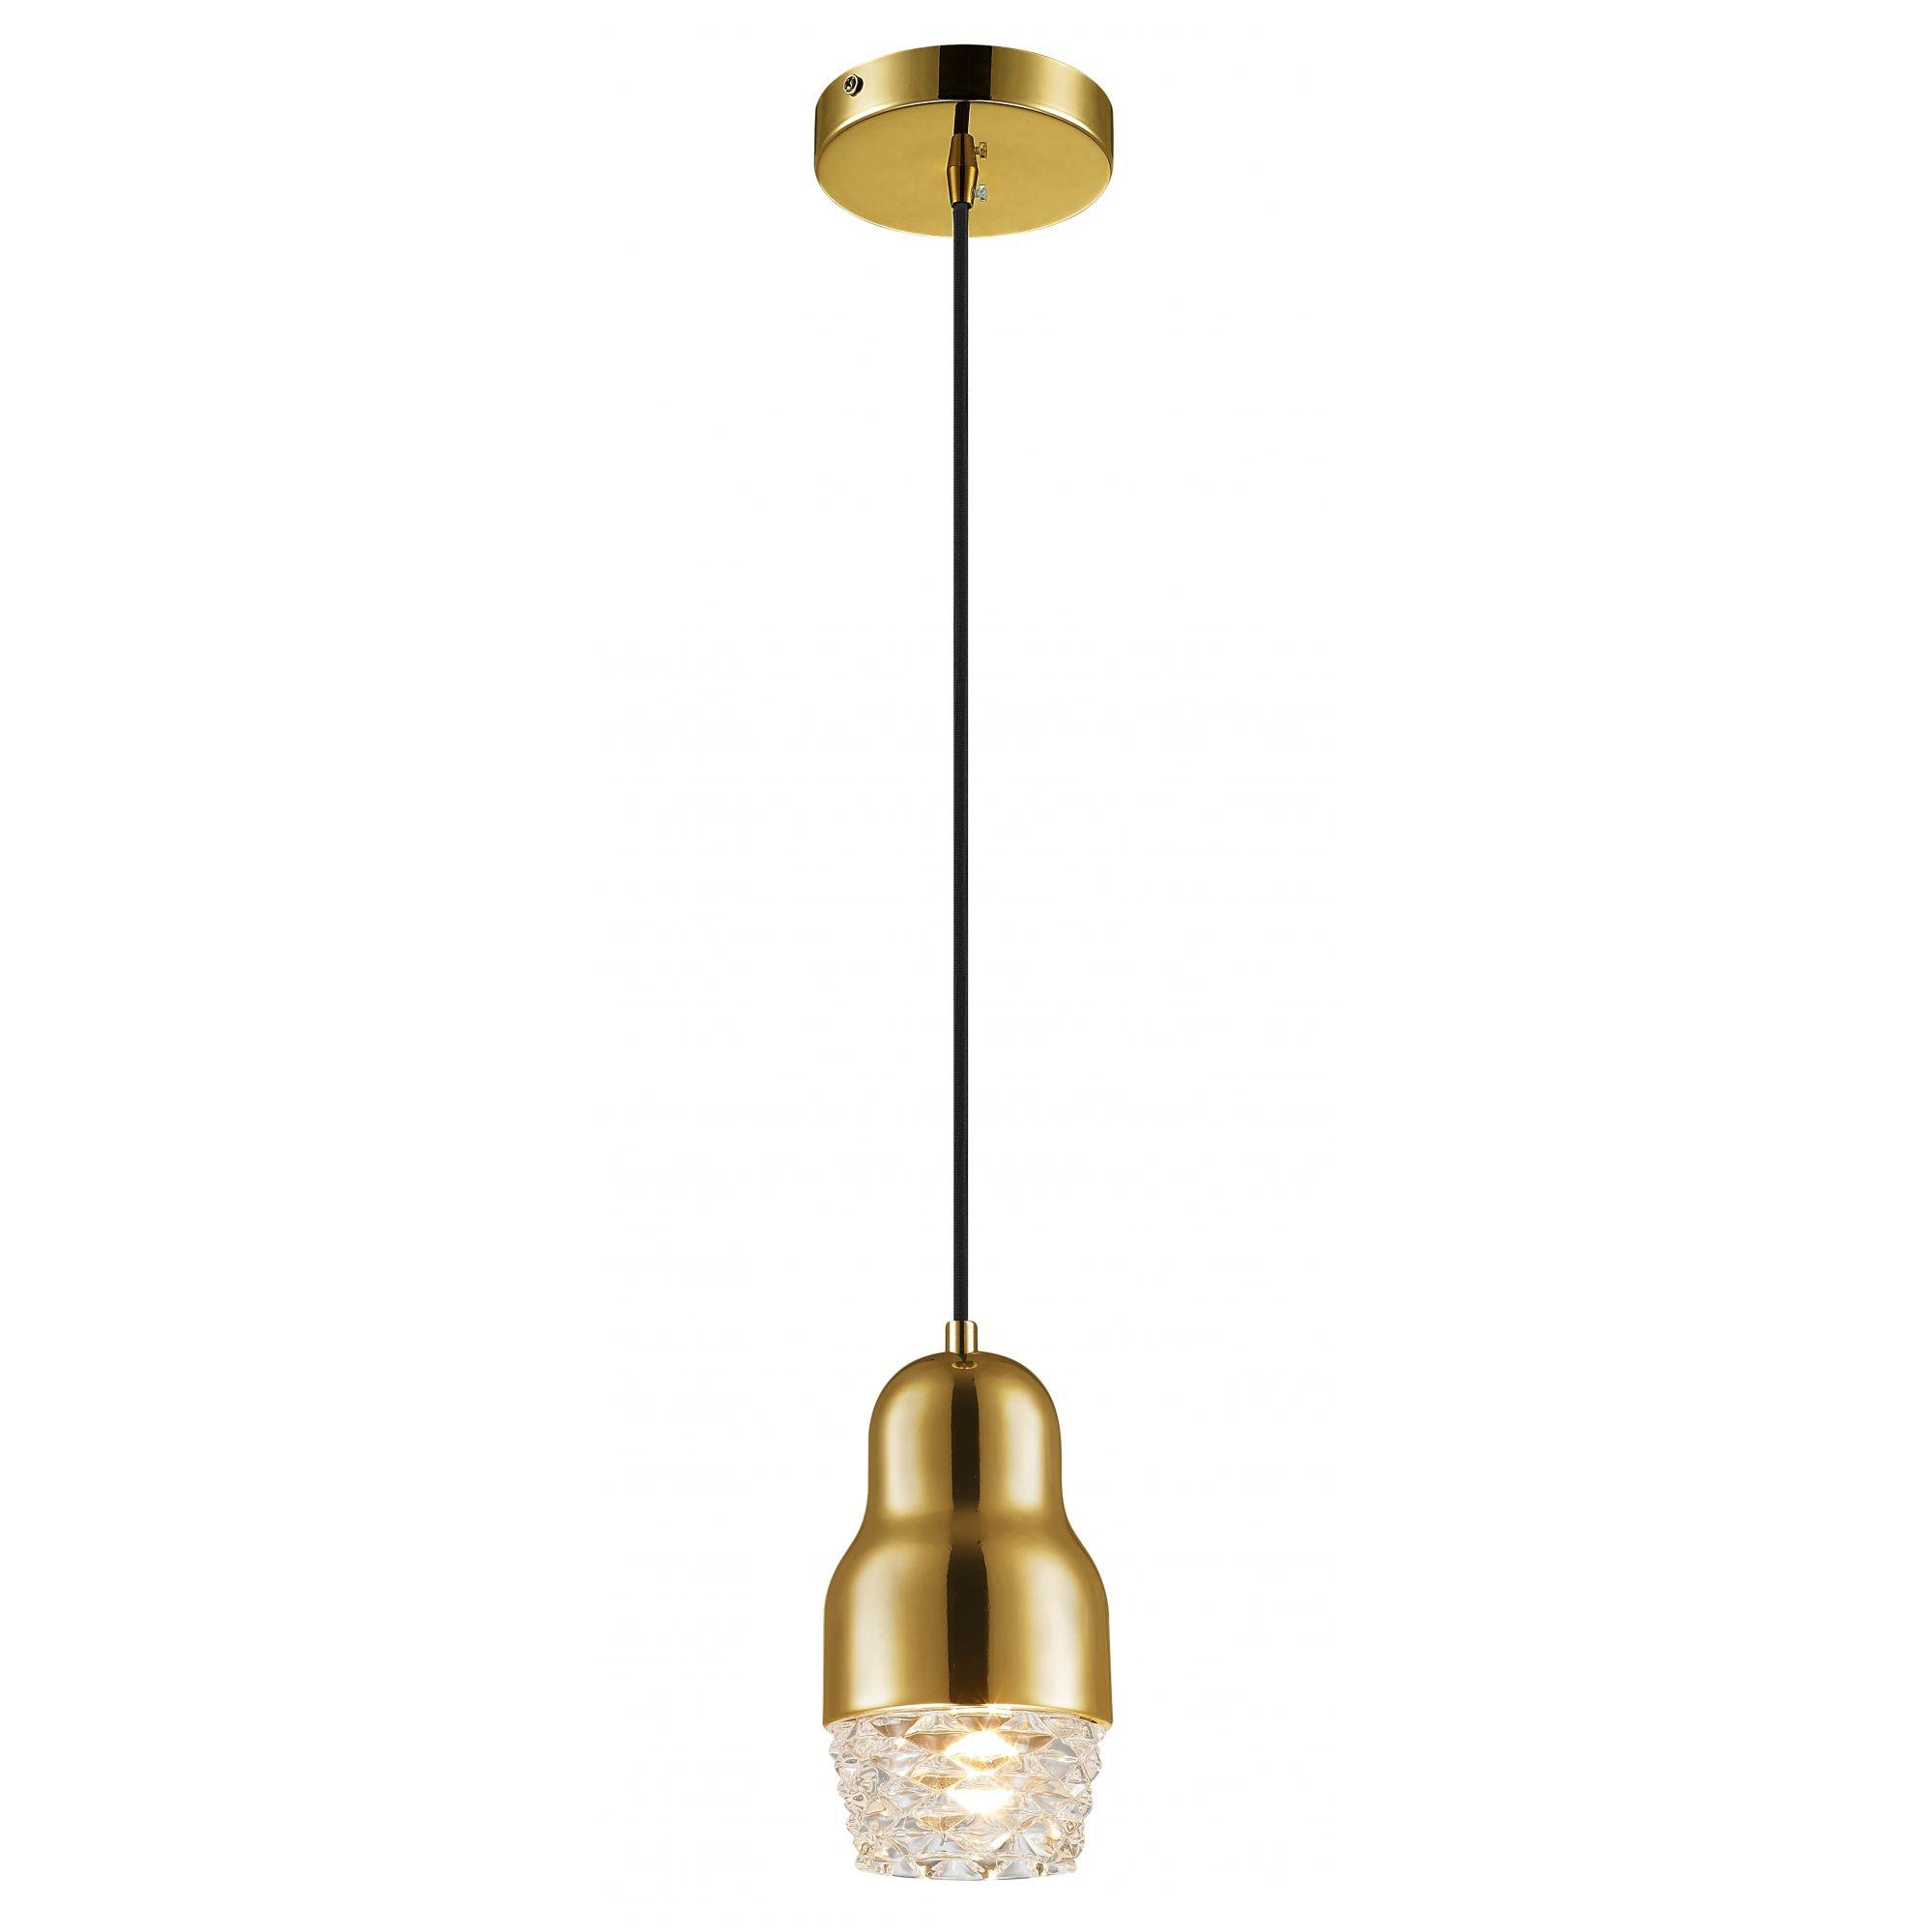 Pendente Elegante em Vidro e Aço Dourado 10cm x 20cm Mais Luz